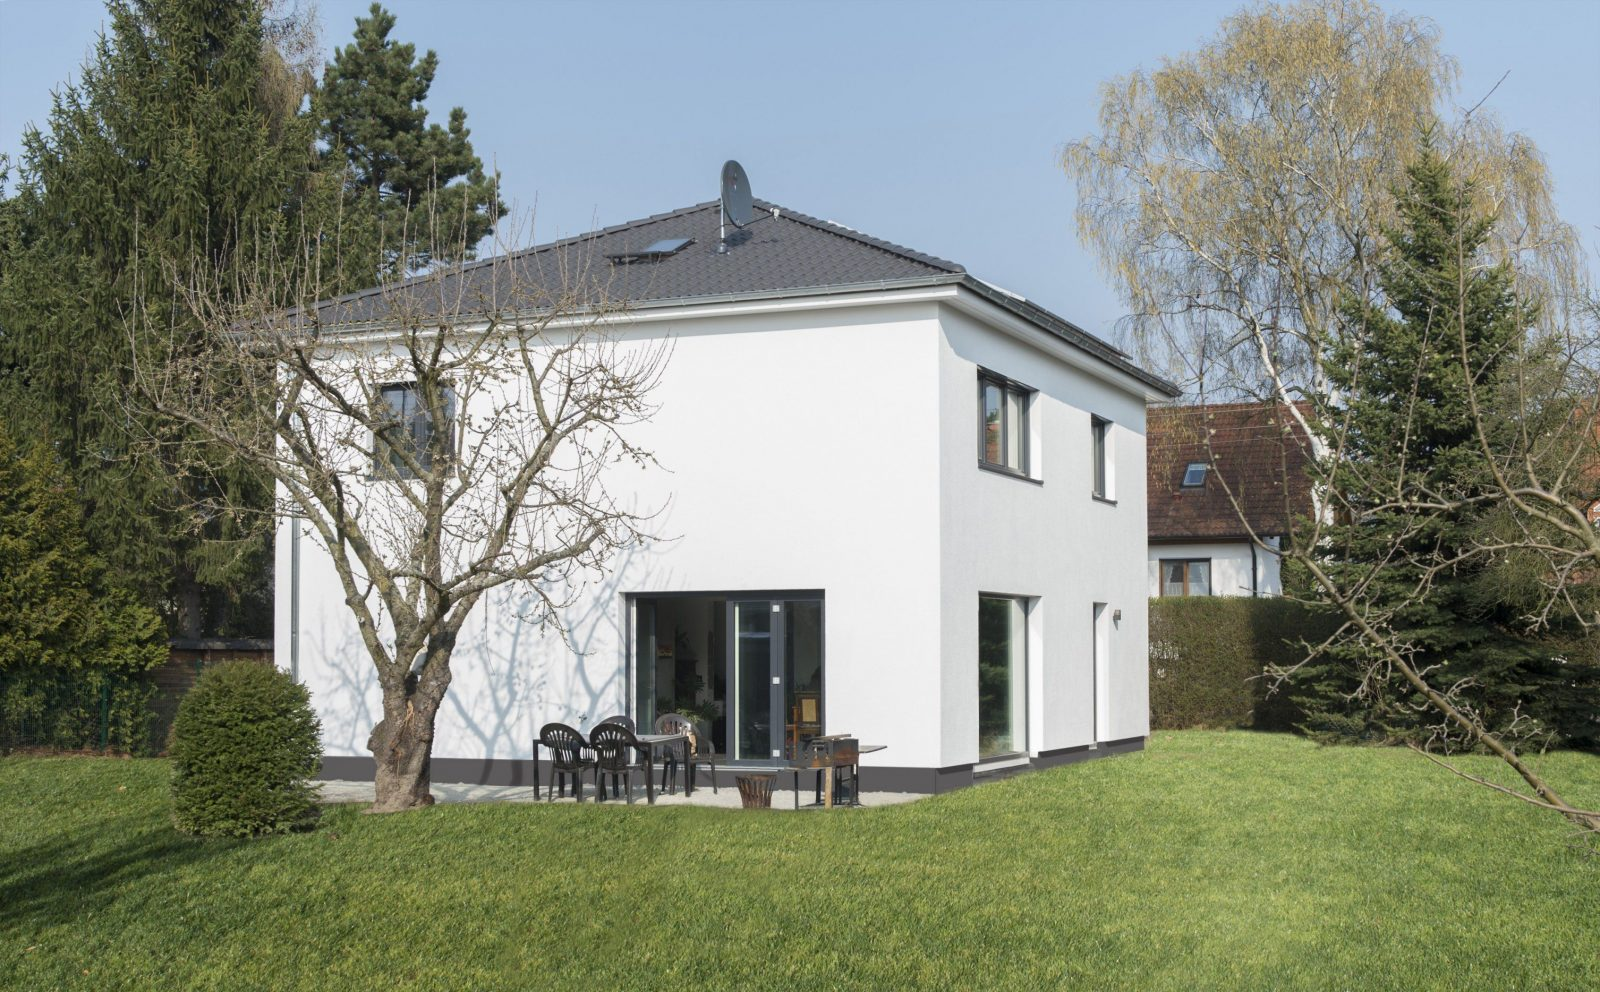 Haus Selber Bauen  Erfahrungen Mit von Haus Komplett Selber Bauen Bild